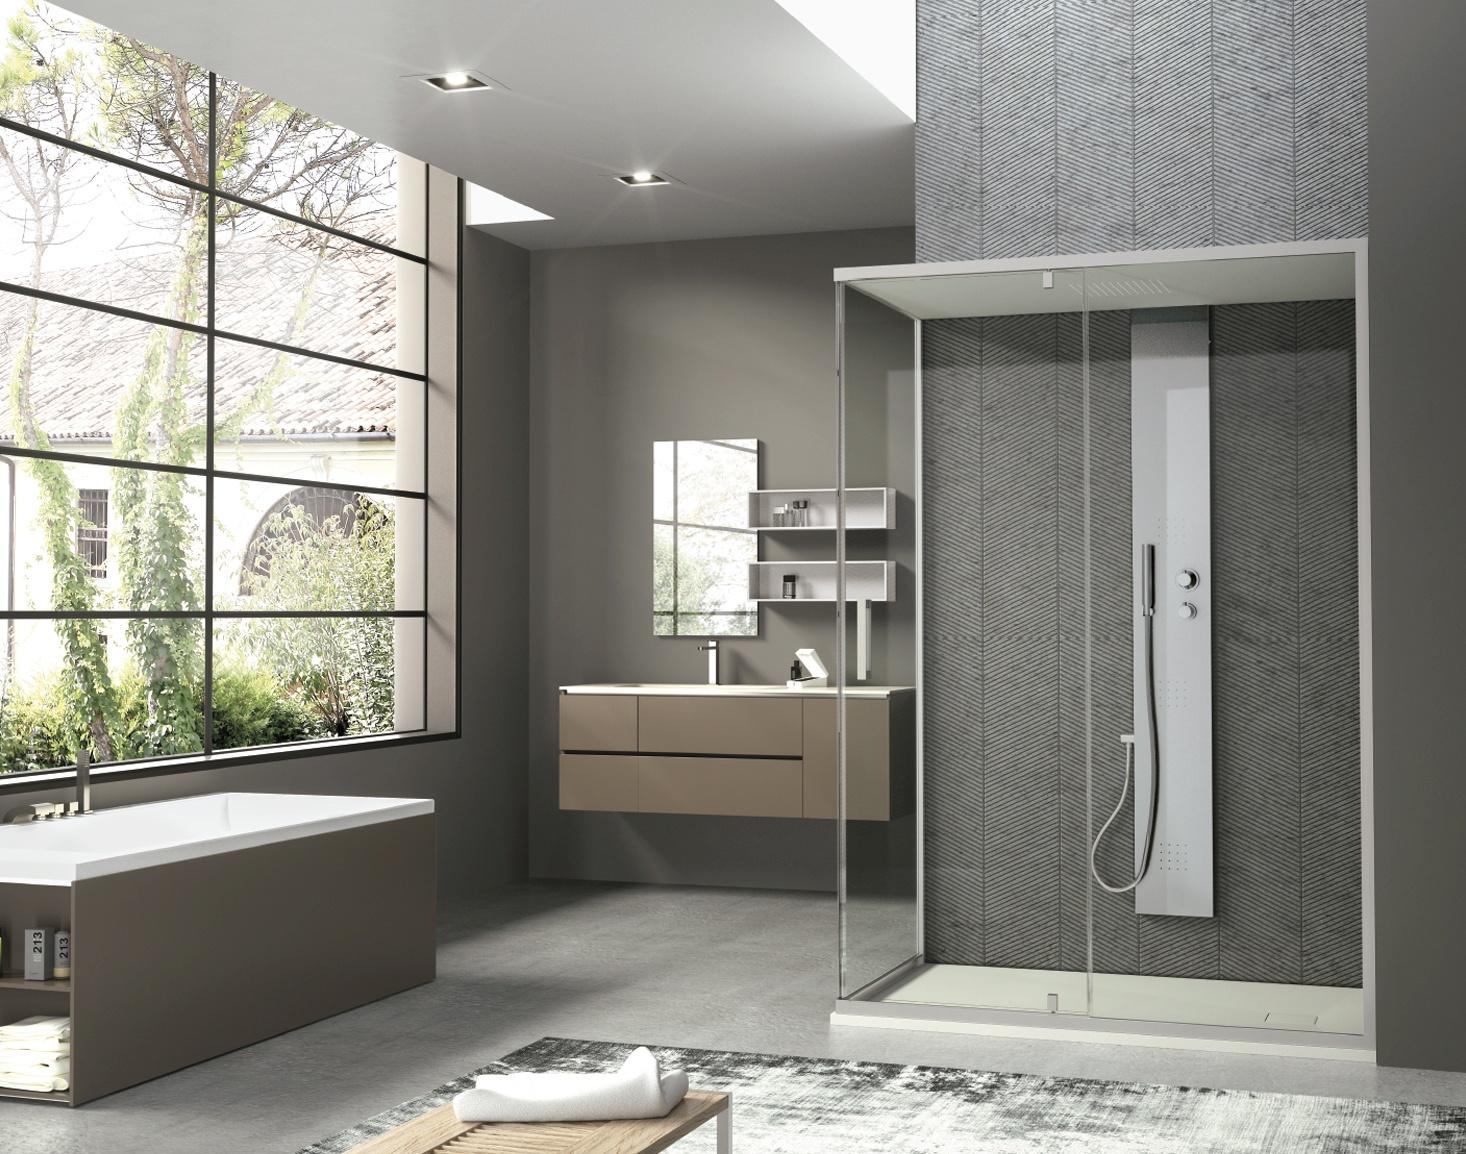 Il programma Gemini + G-Steam unisce design, tecnologia e funzionalità per il wellness domestico